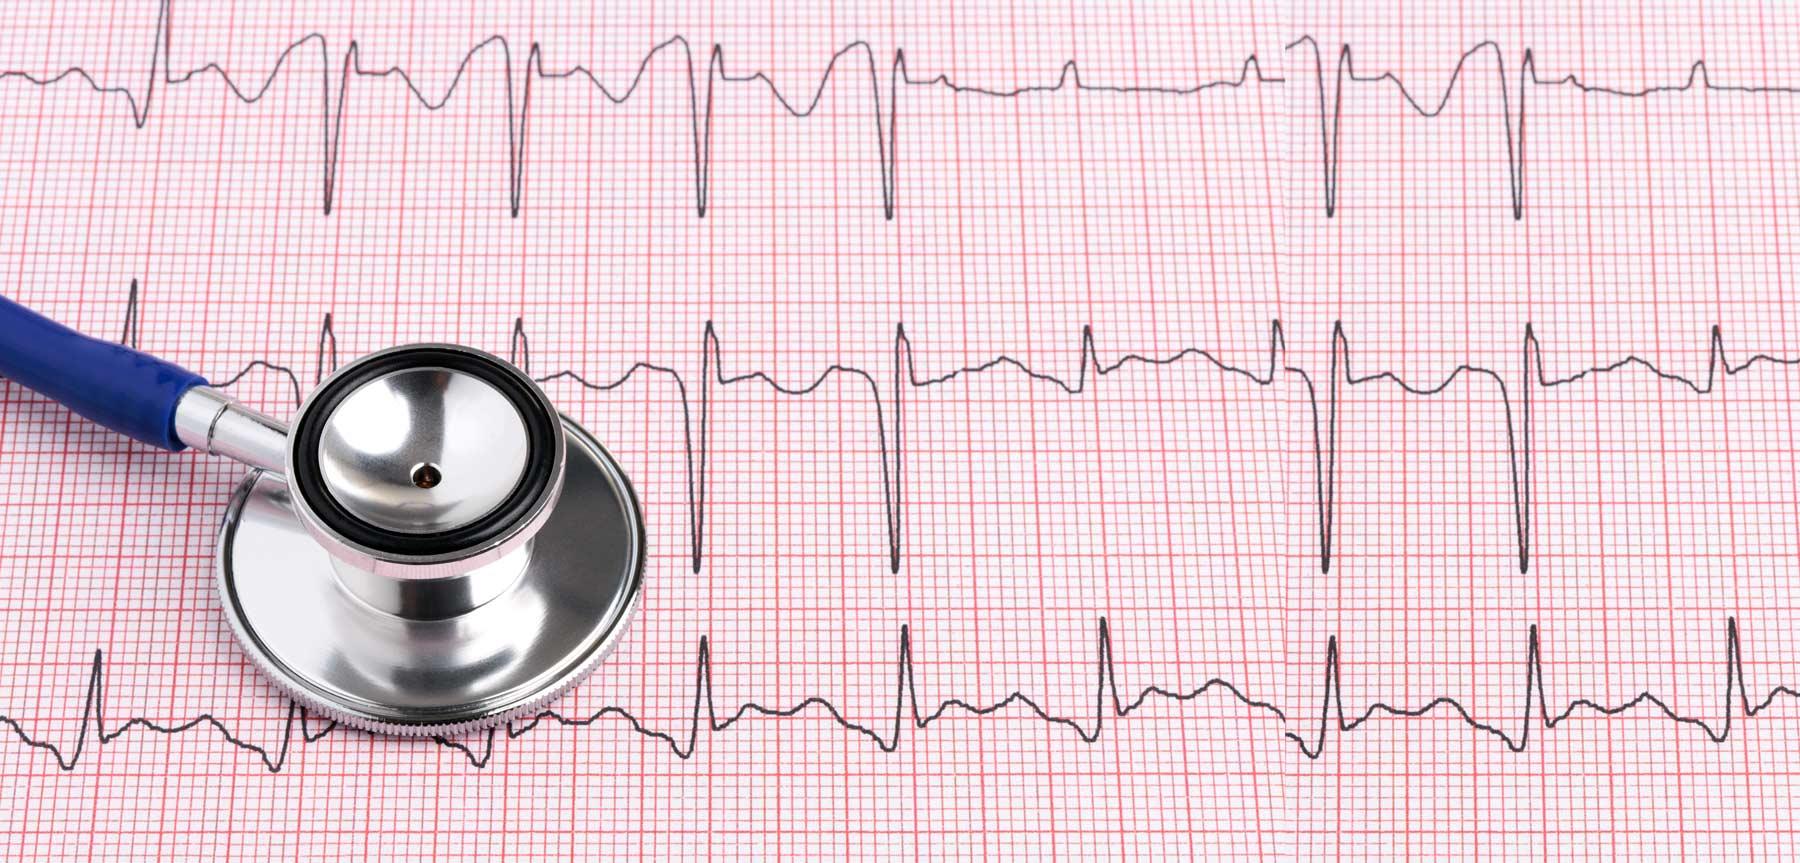 Electrocardiogramas con descuento a PAMI